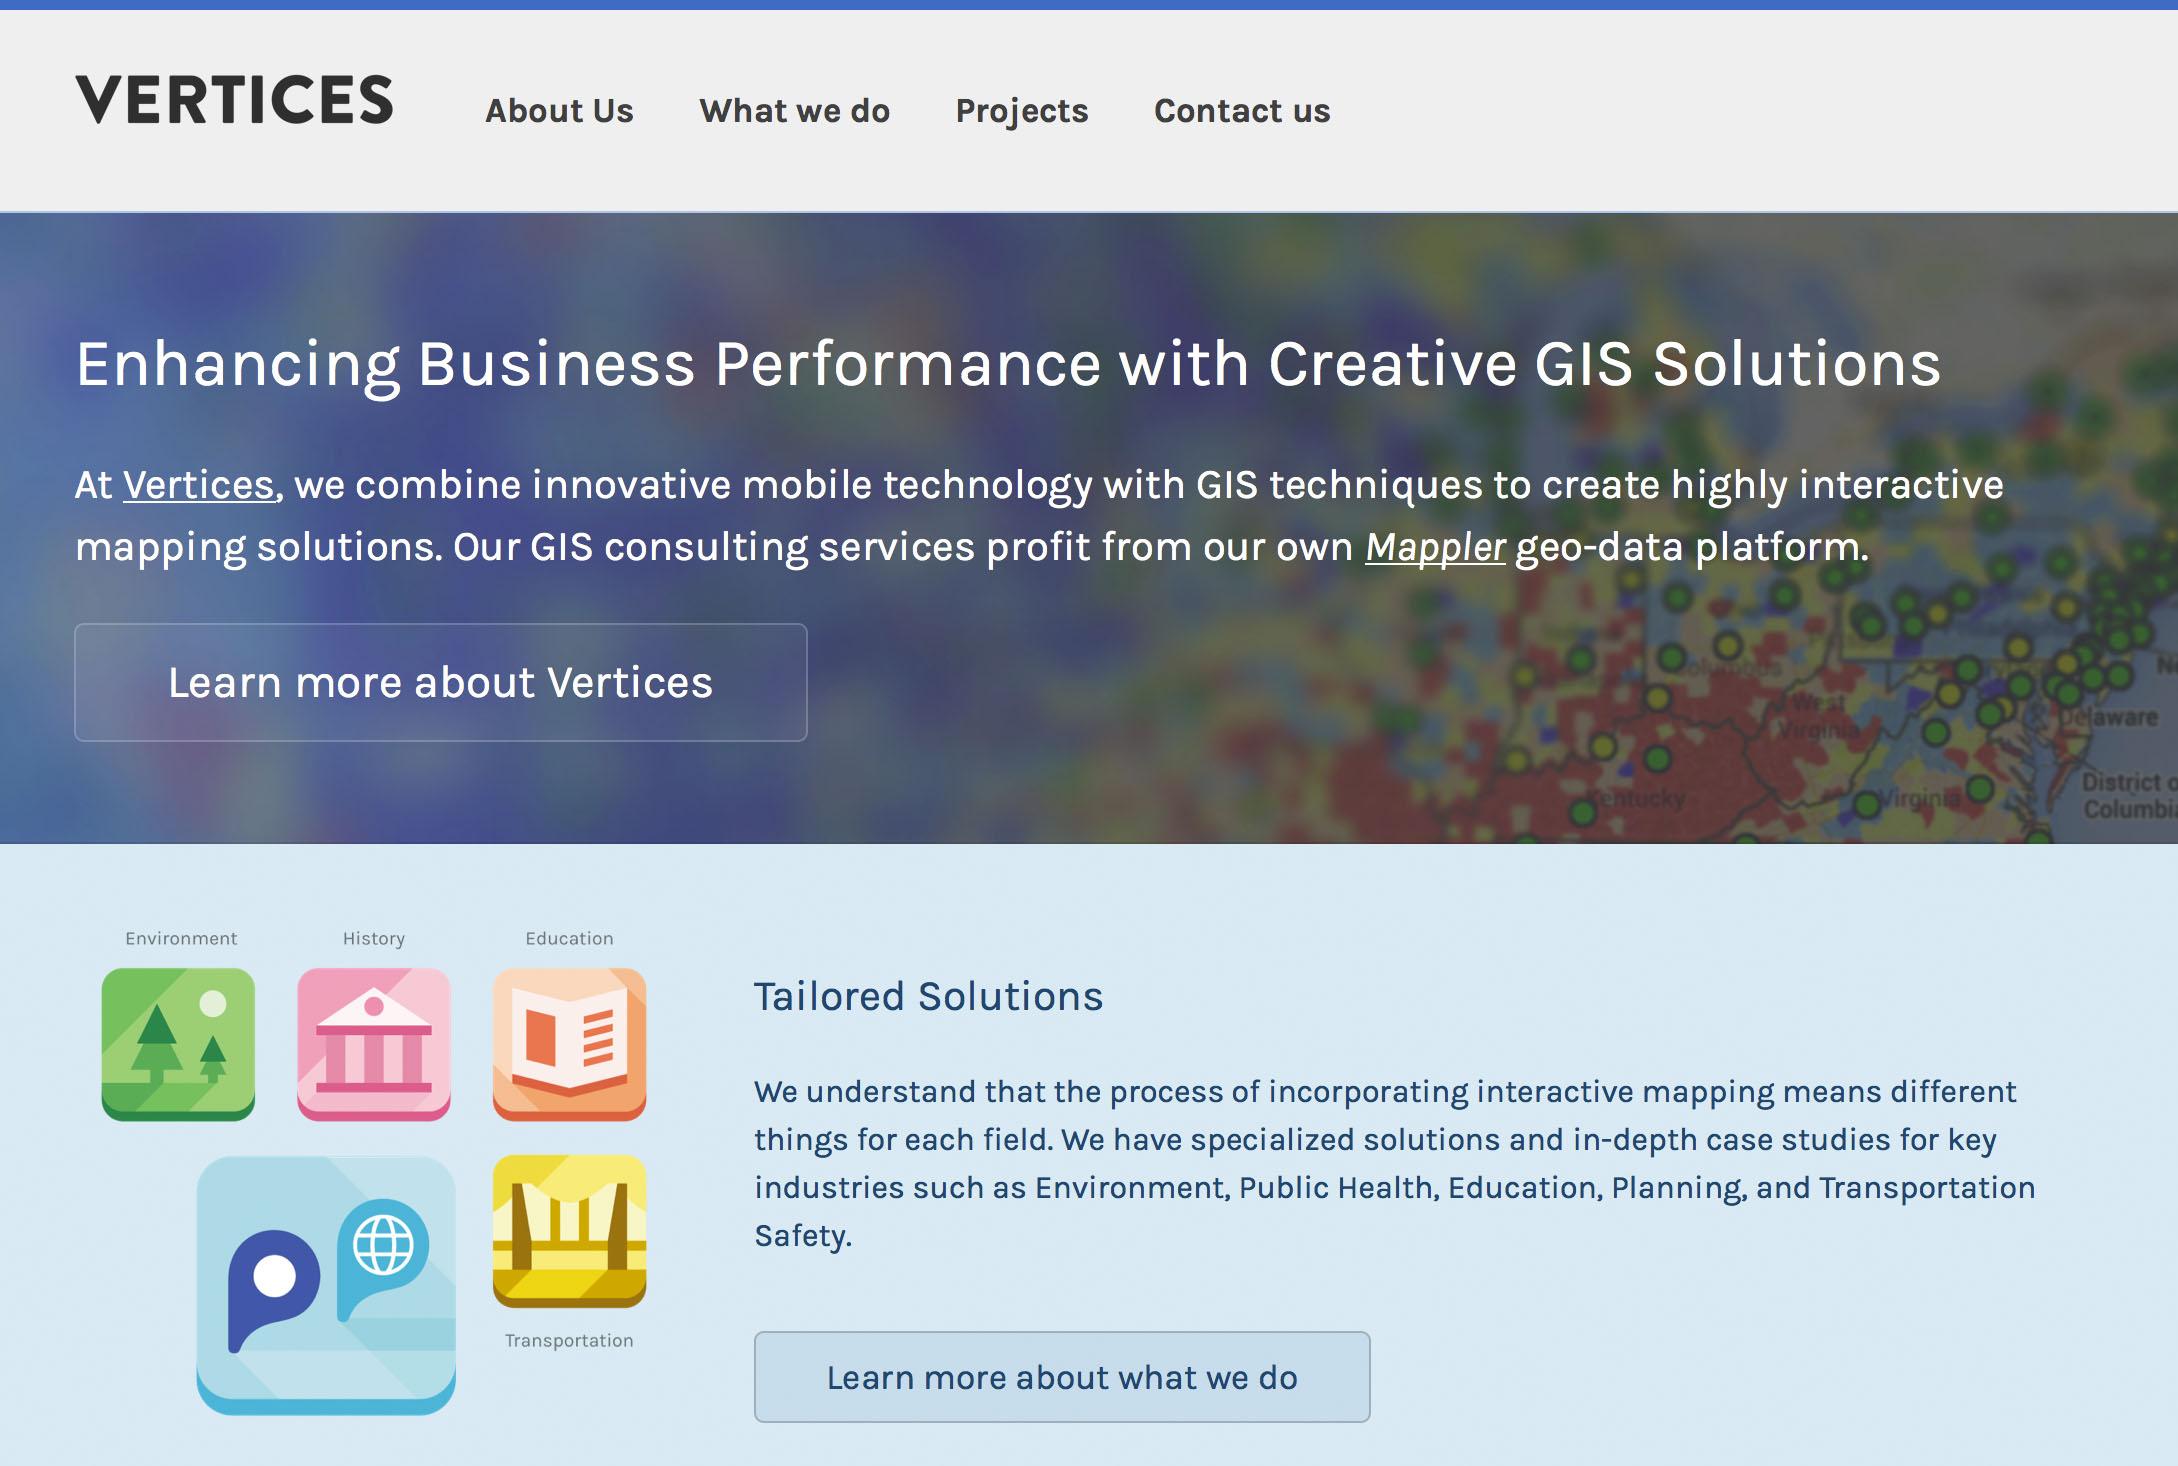 vertices.com